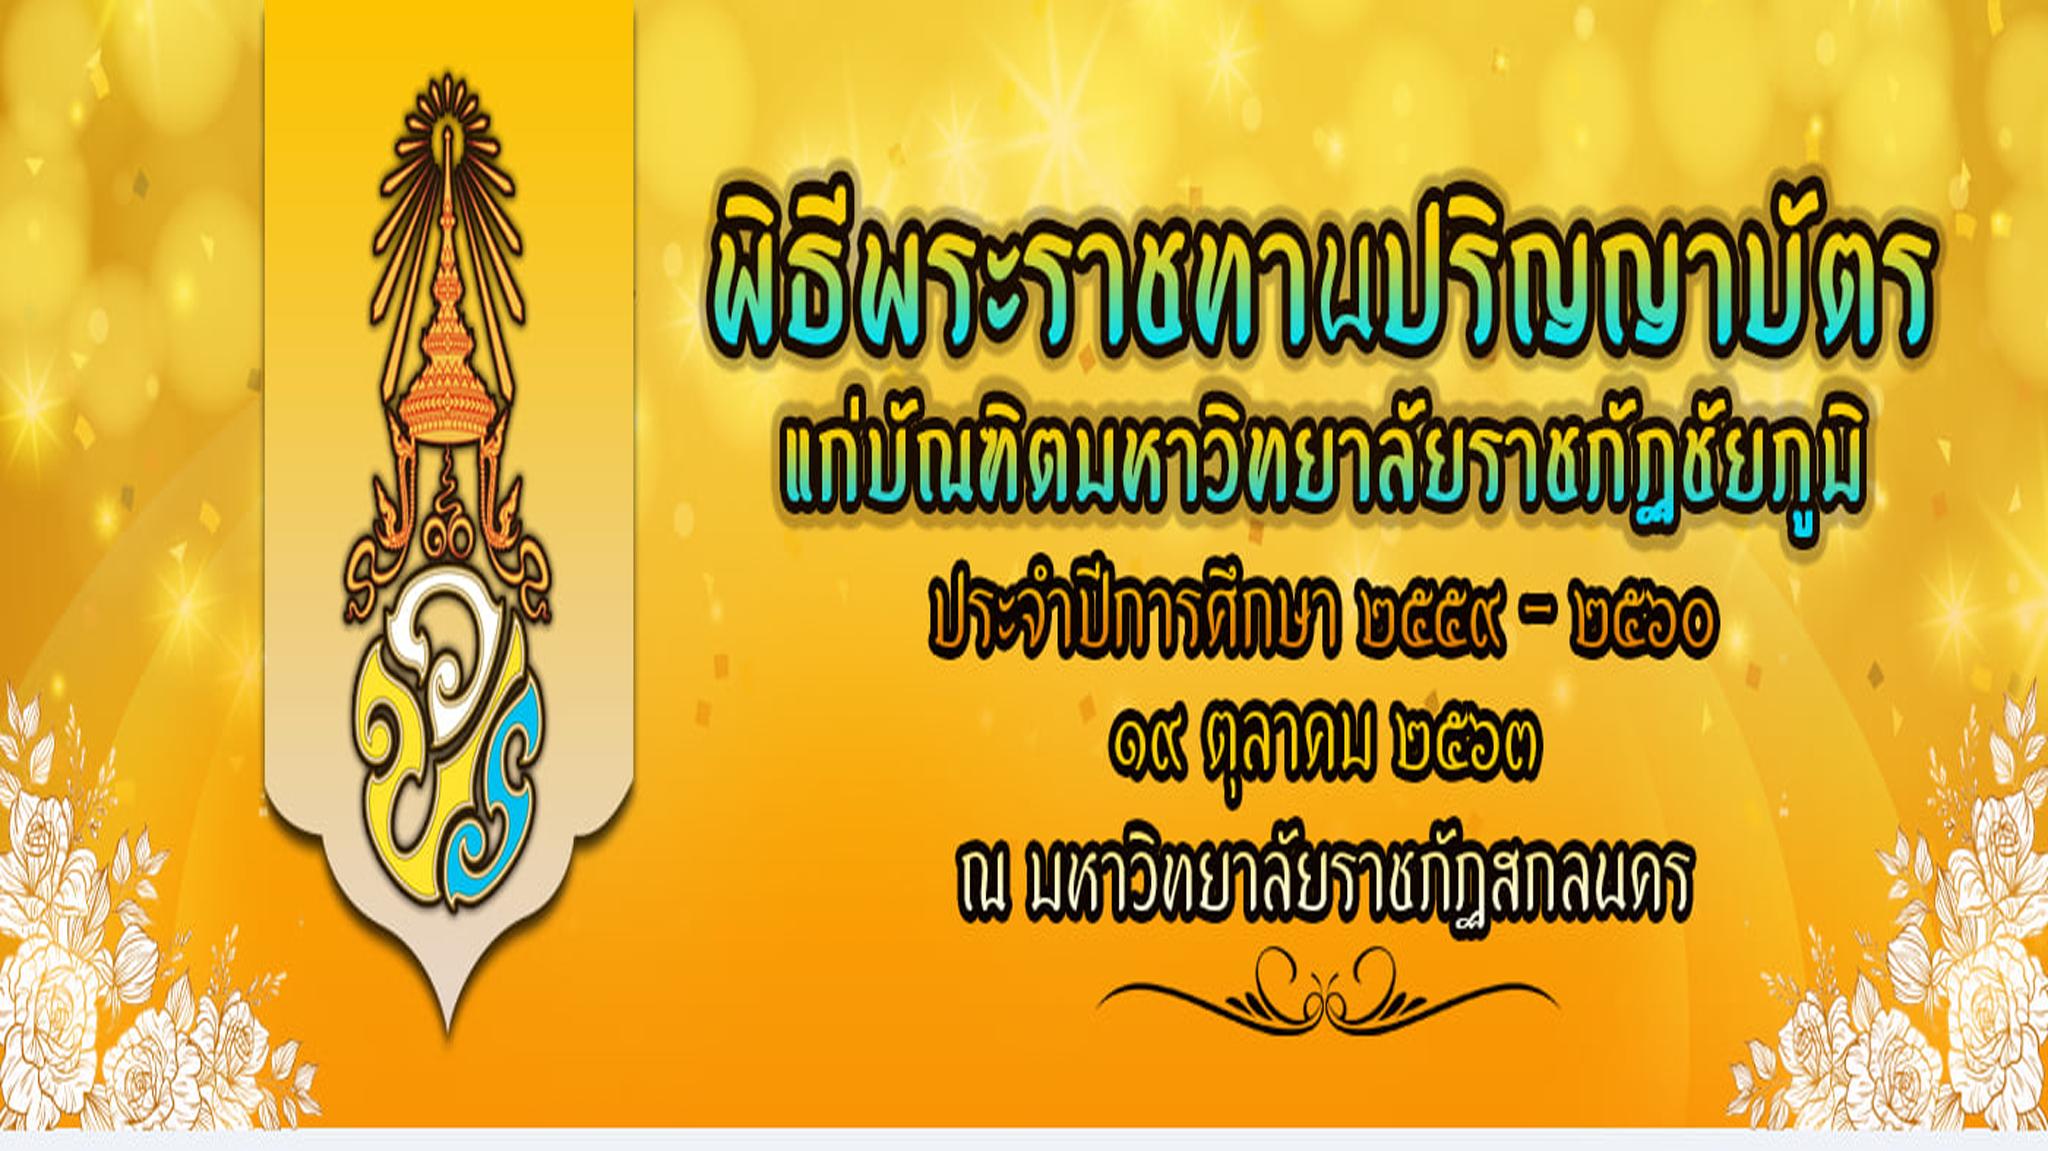 พิธีพระราชทานปริญญาบัตร ประจำปี 2559-2560